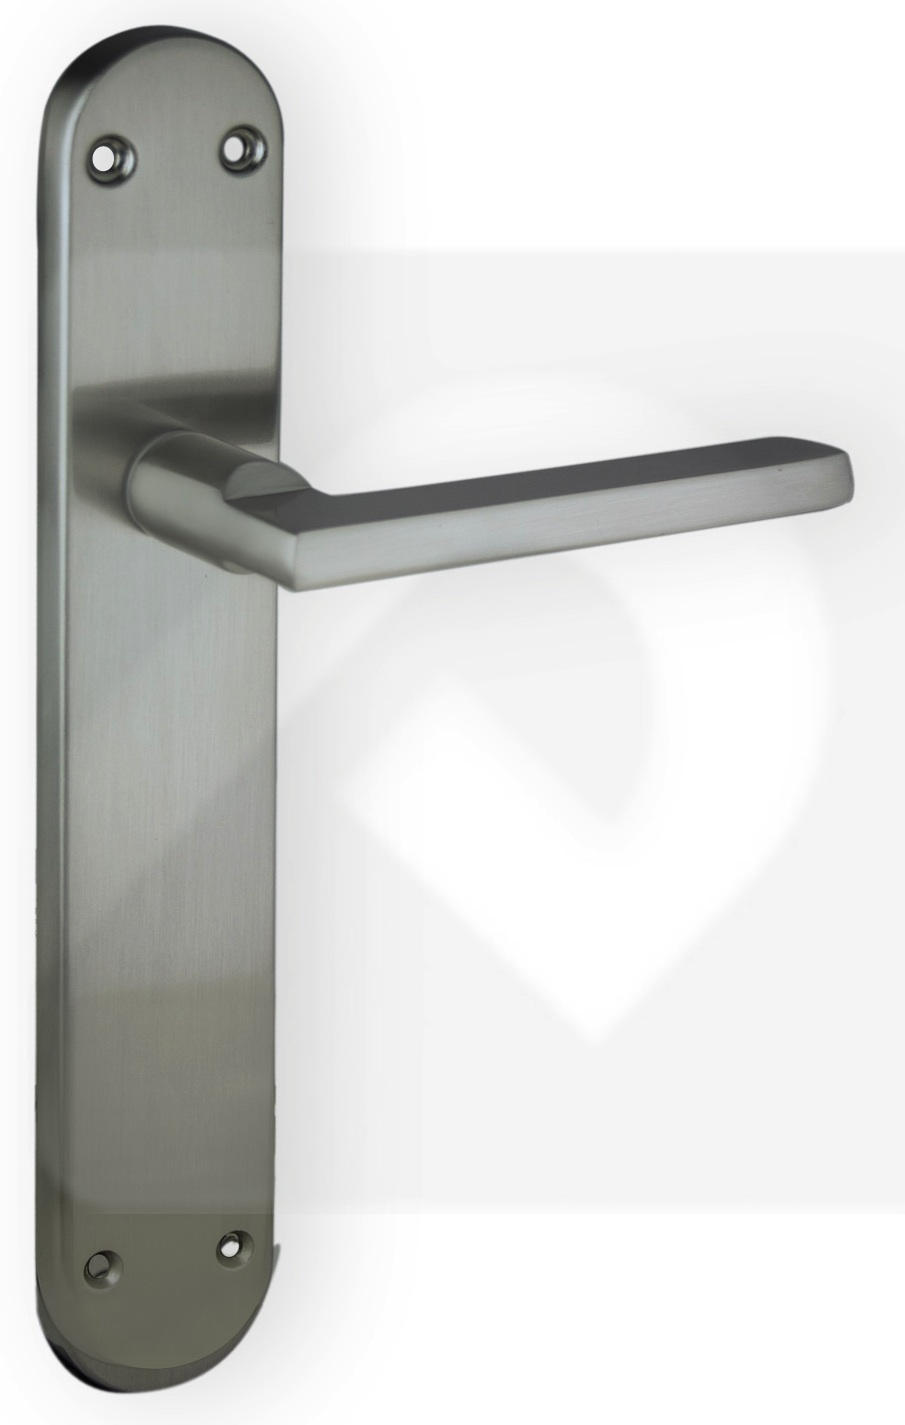 Juego de manillas aluminio placa niquel mate 316 manistil - Picaporte puerta aluminio ...